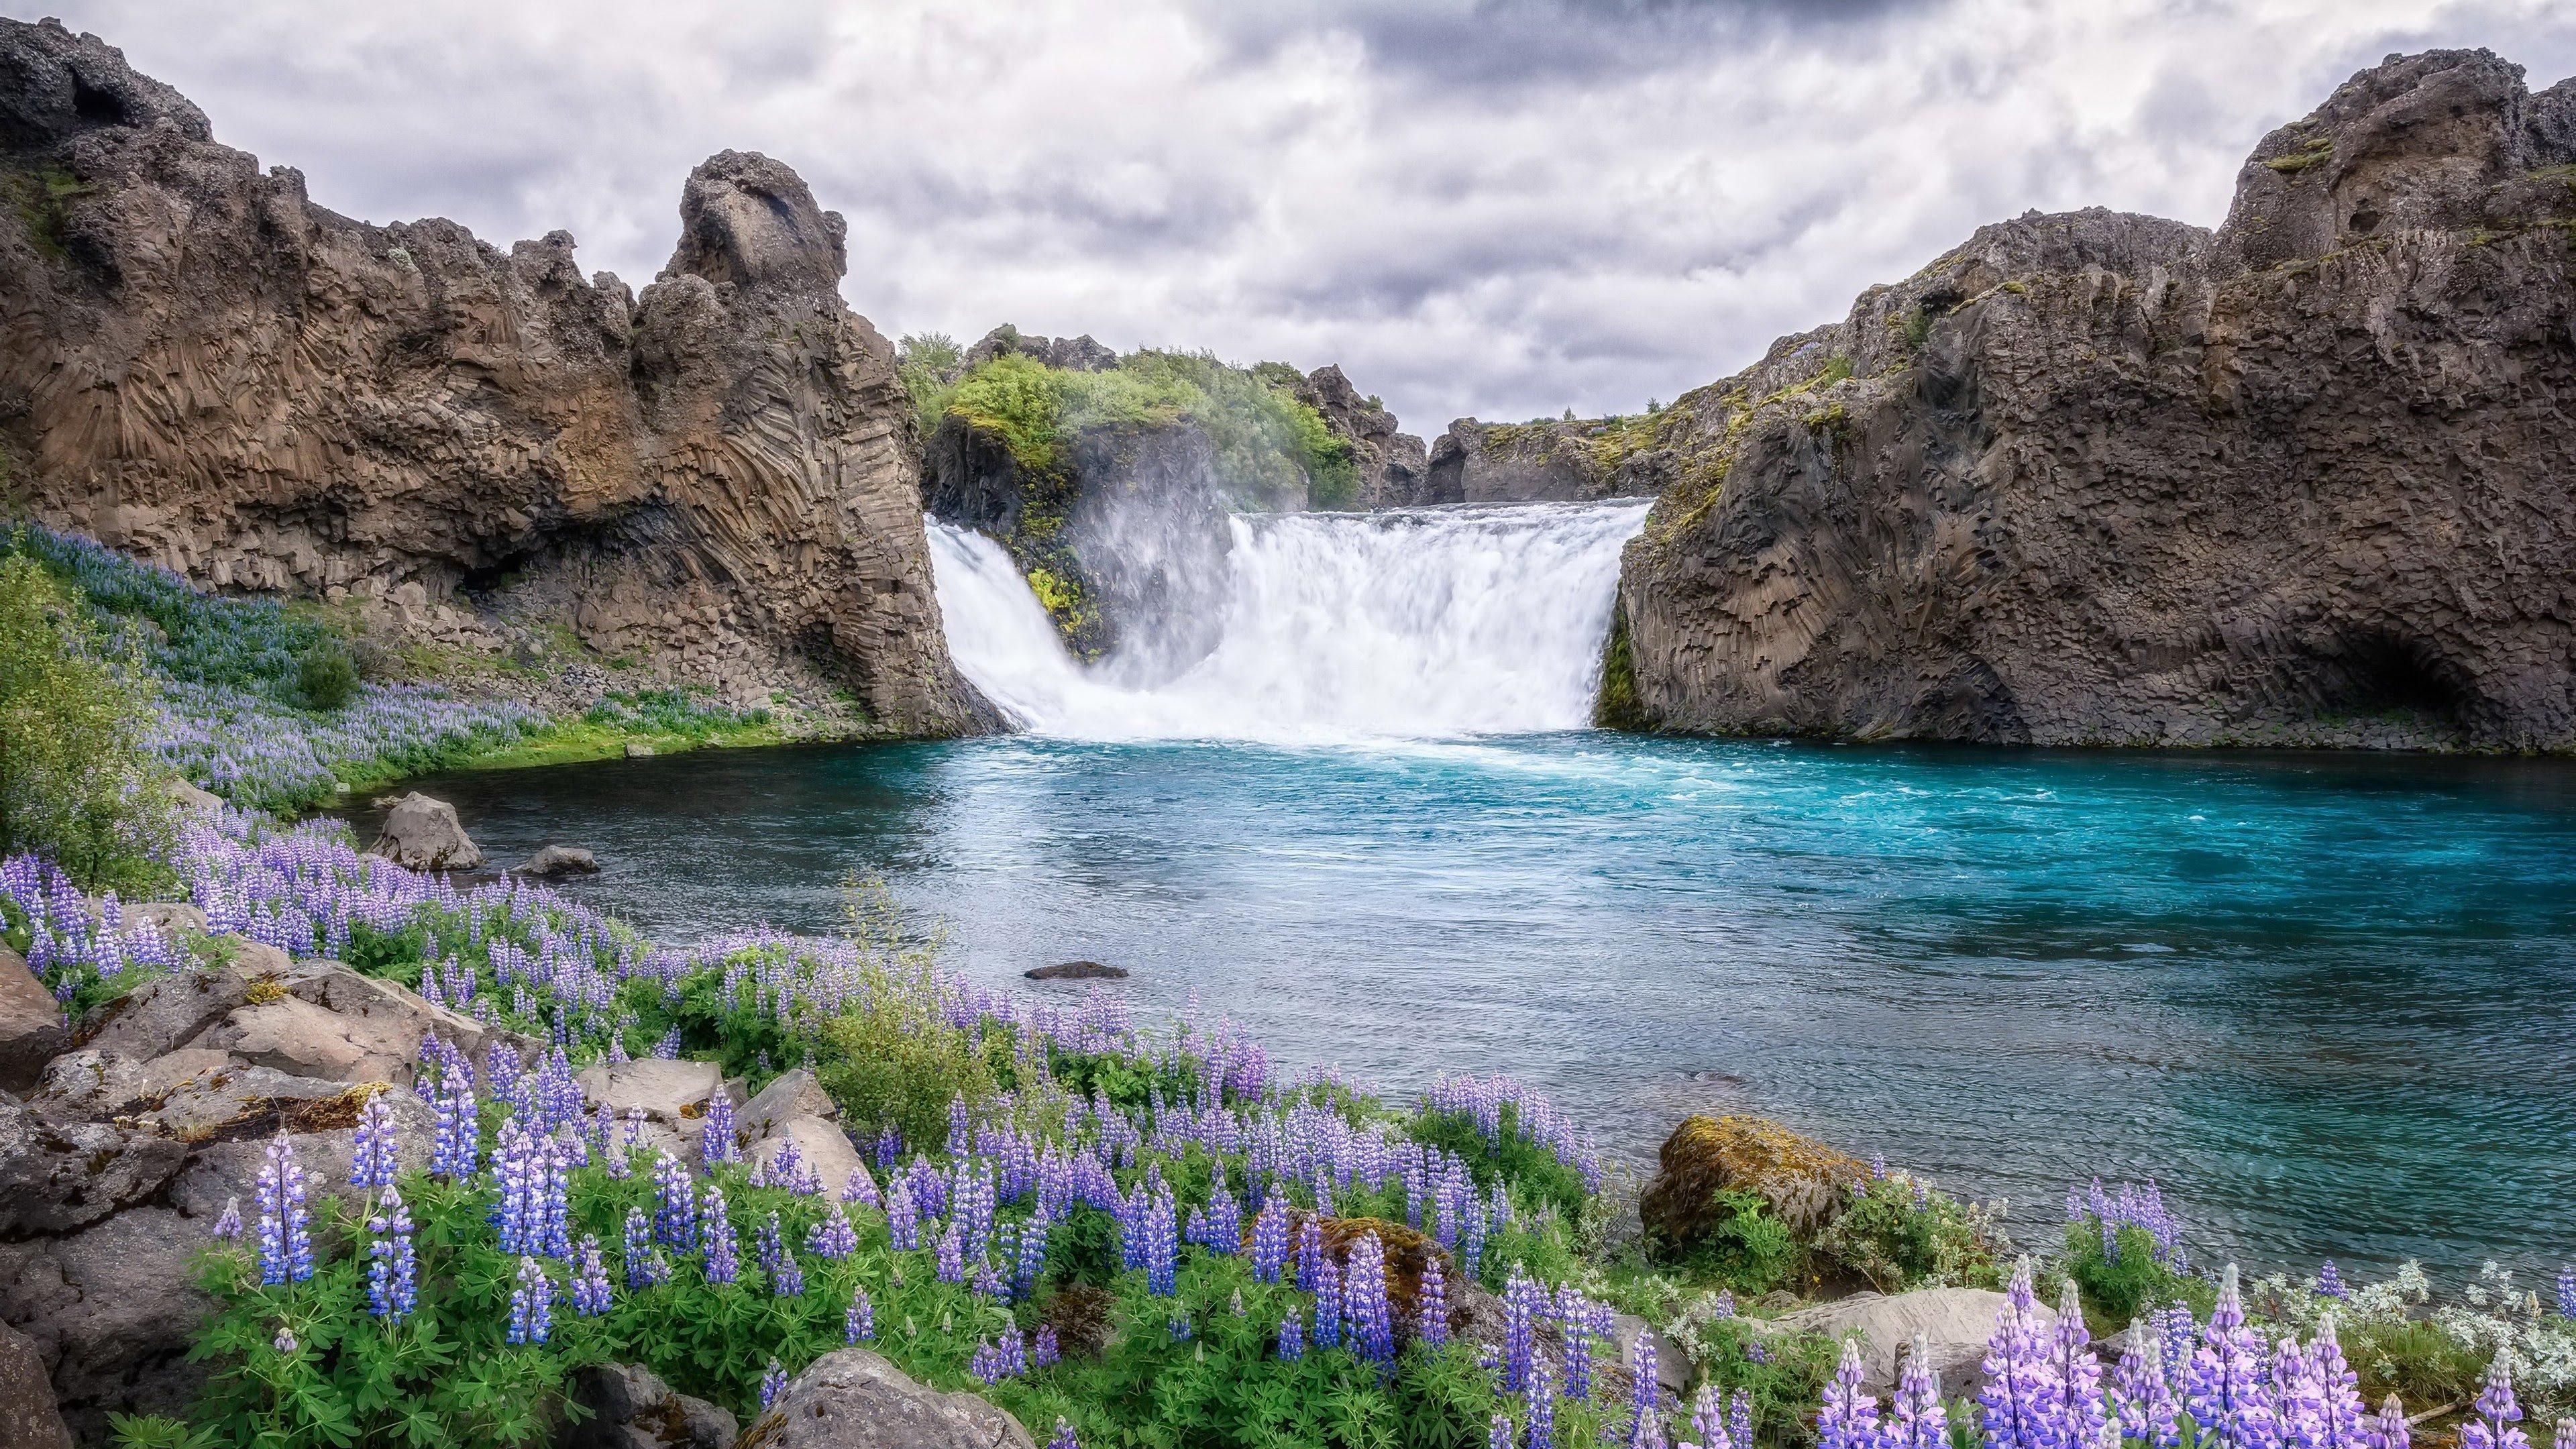 Wallpaper Waterfall beside lavander field